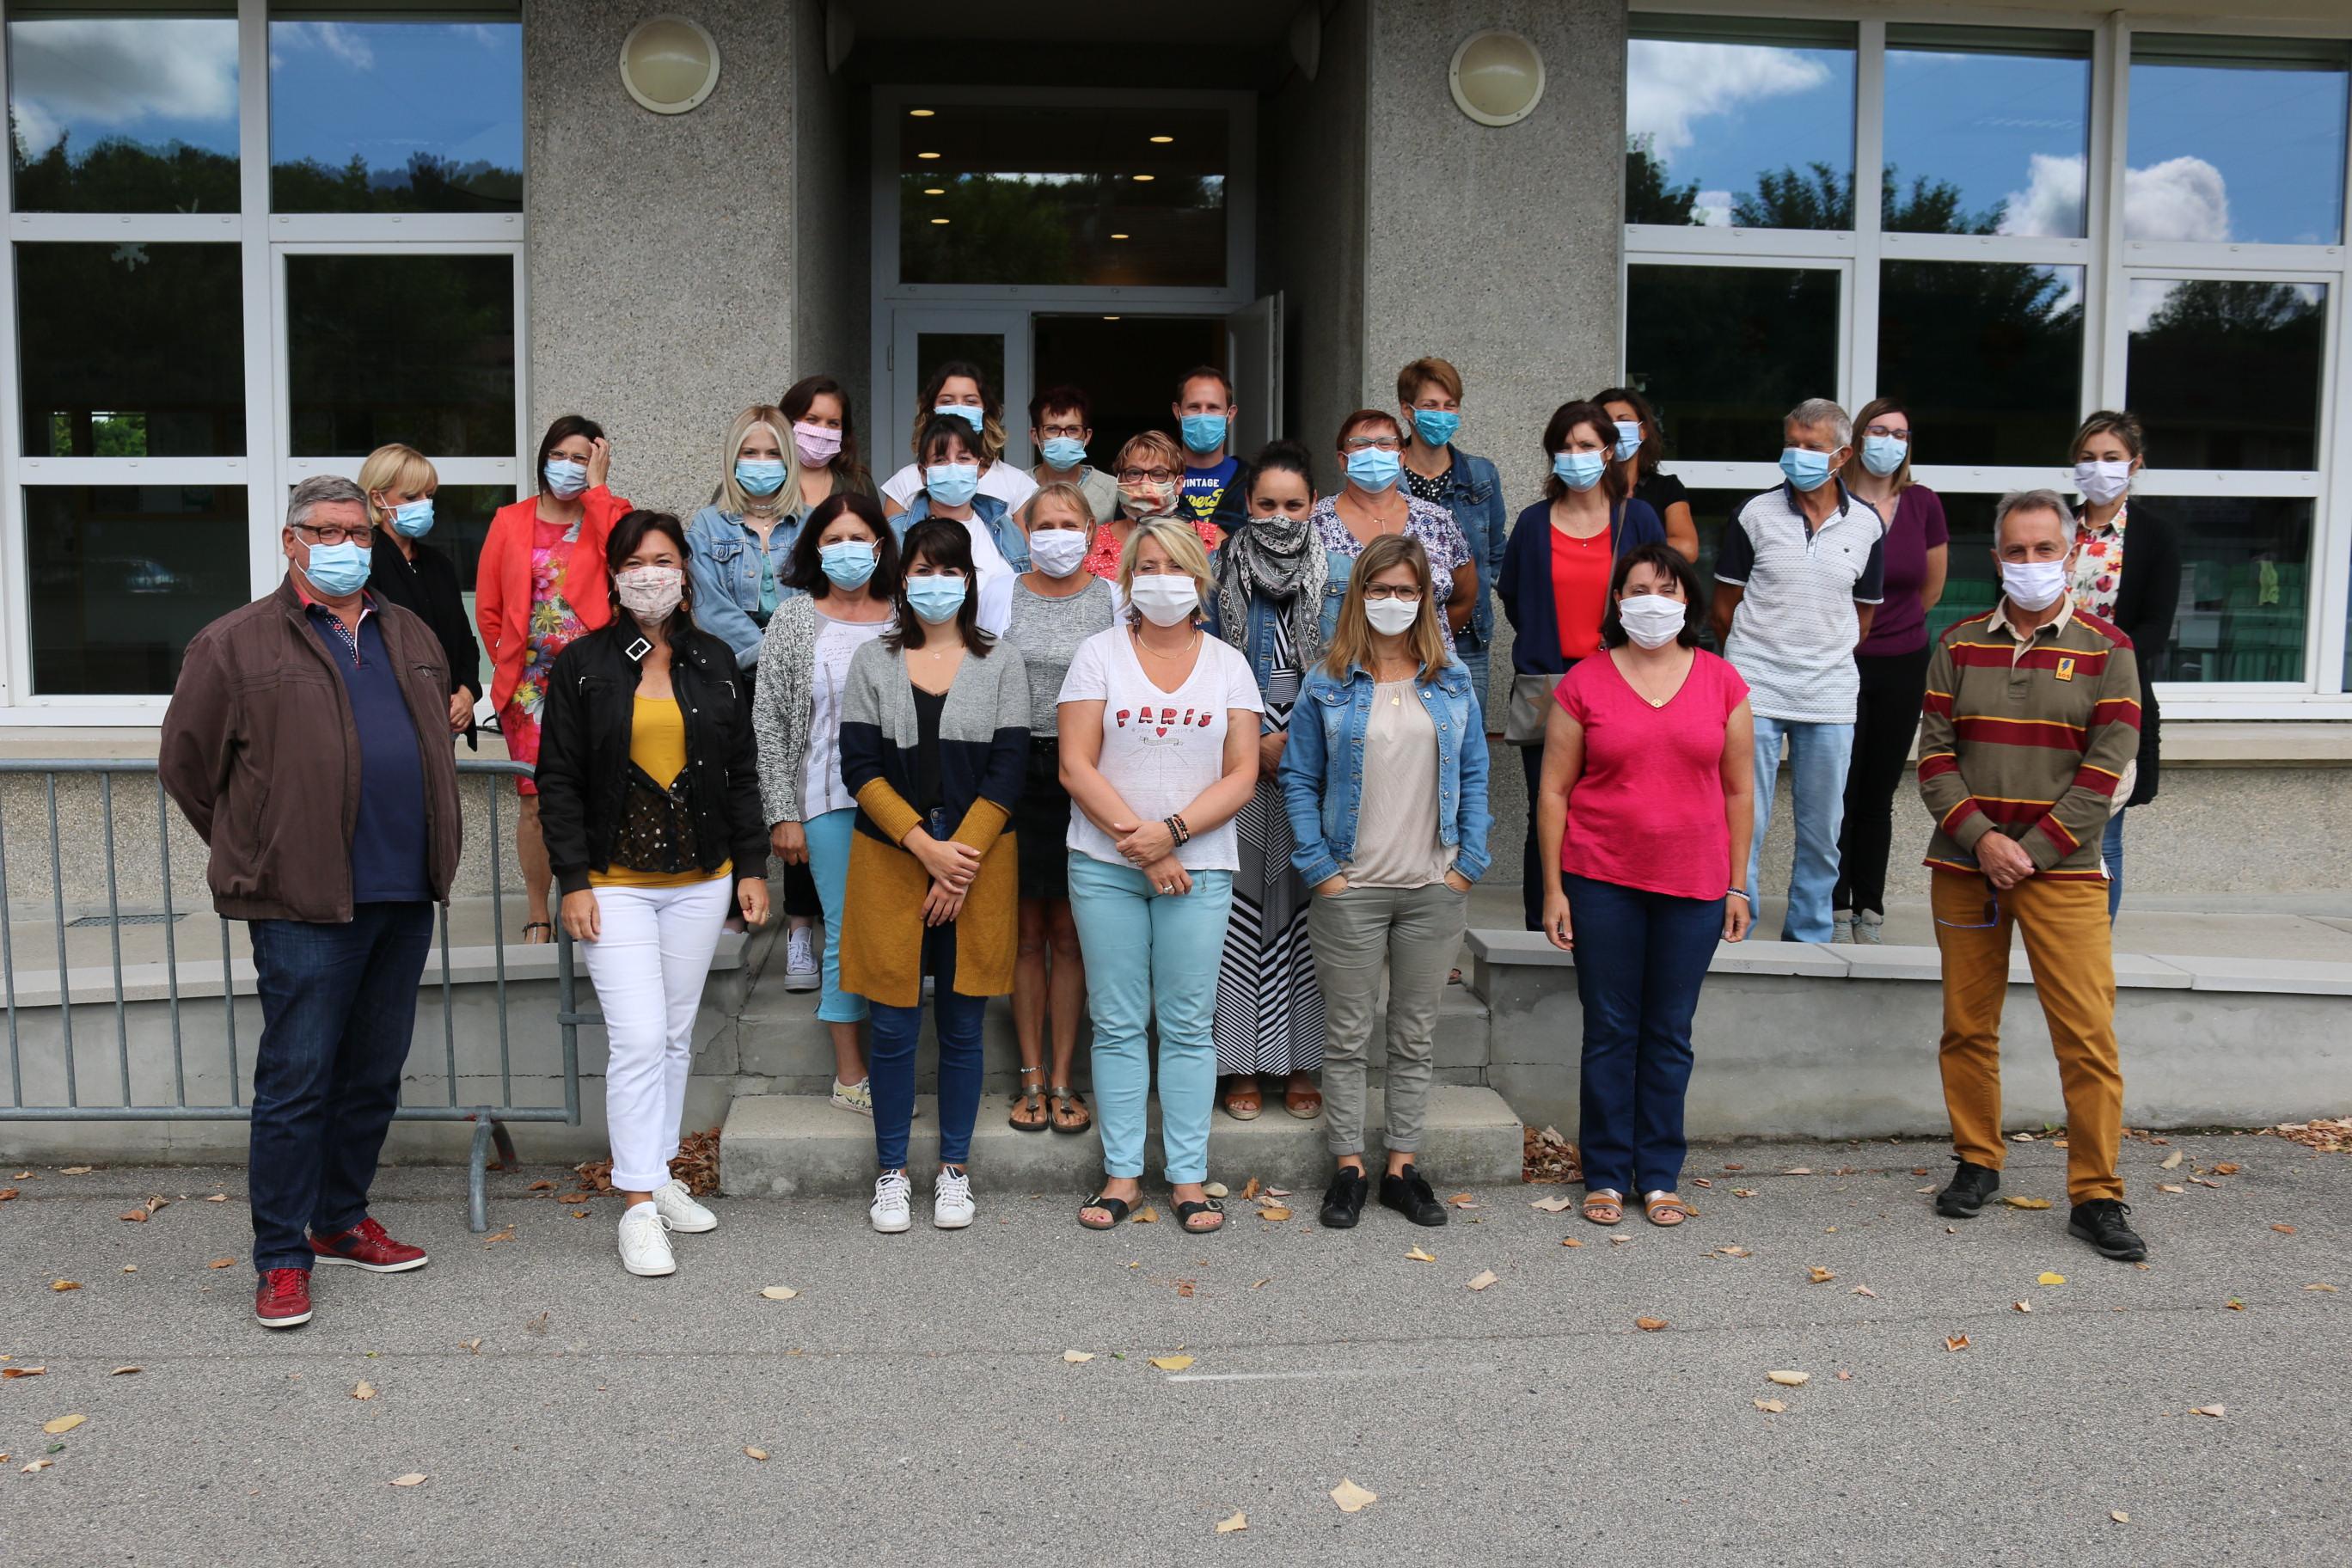 Équipe scolaire et périscolaire 2020 masques